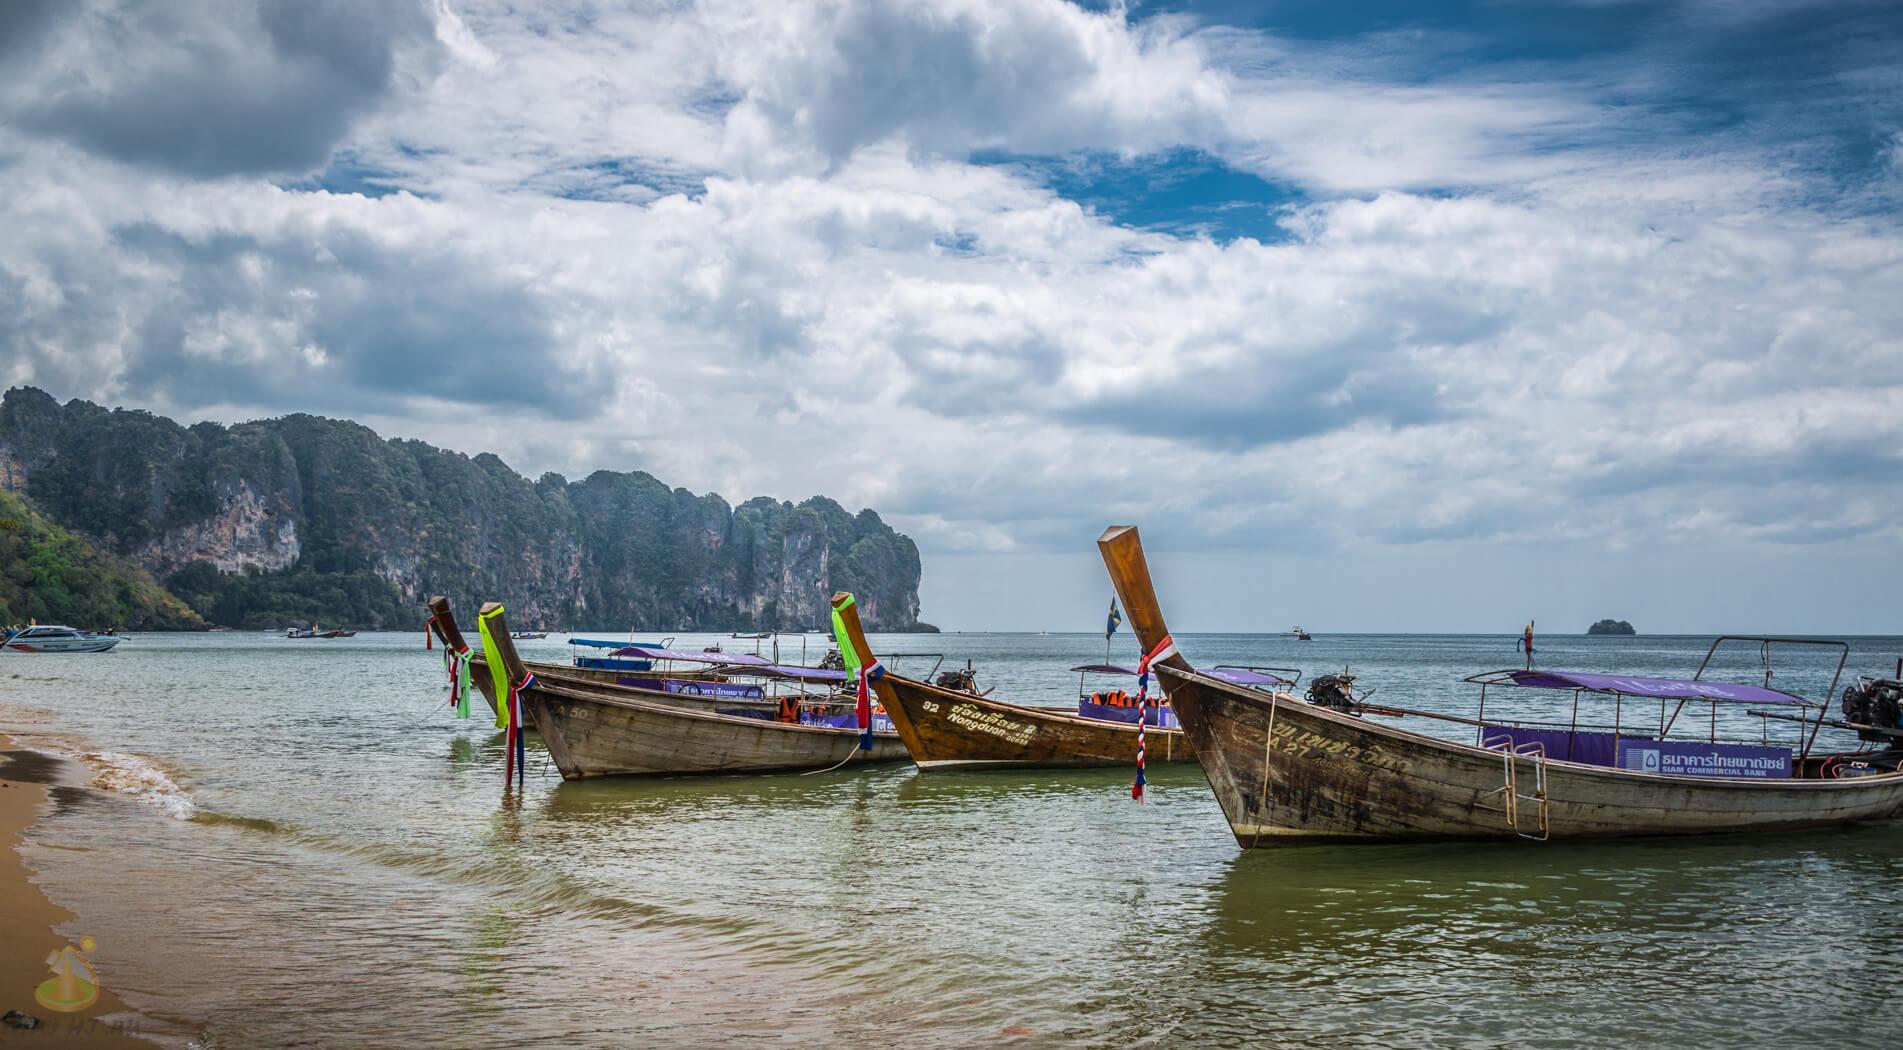 Обилие лодок